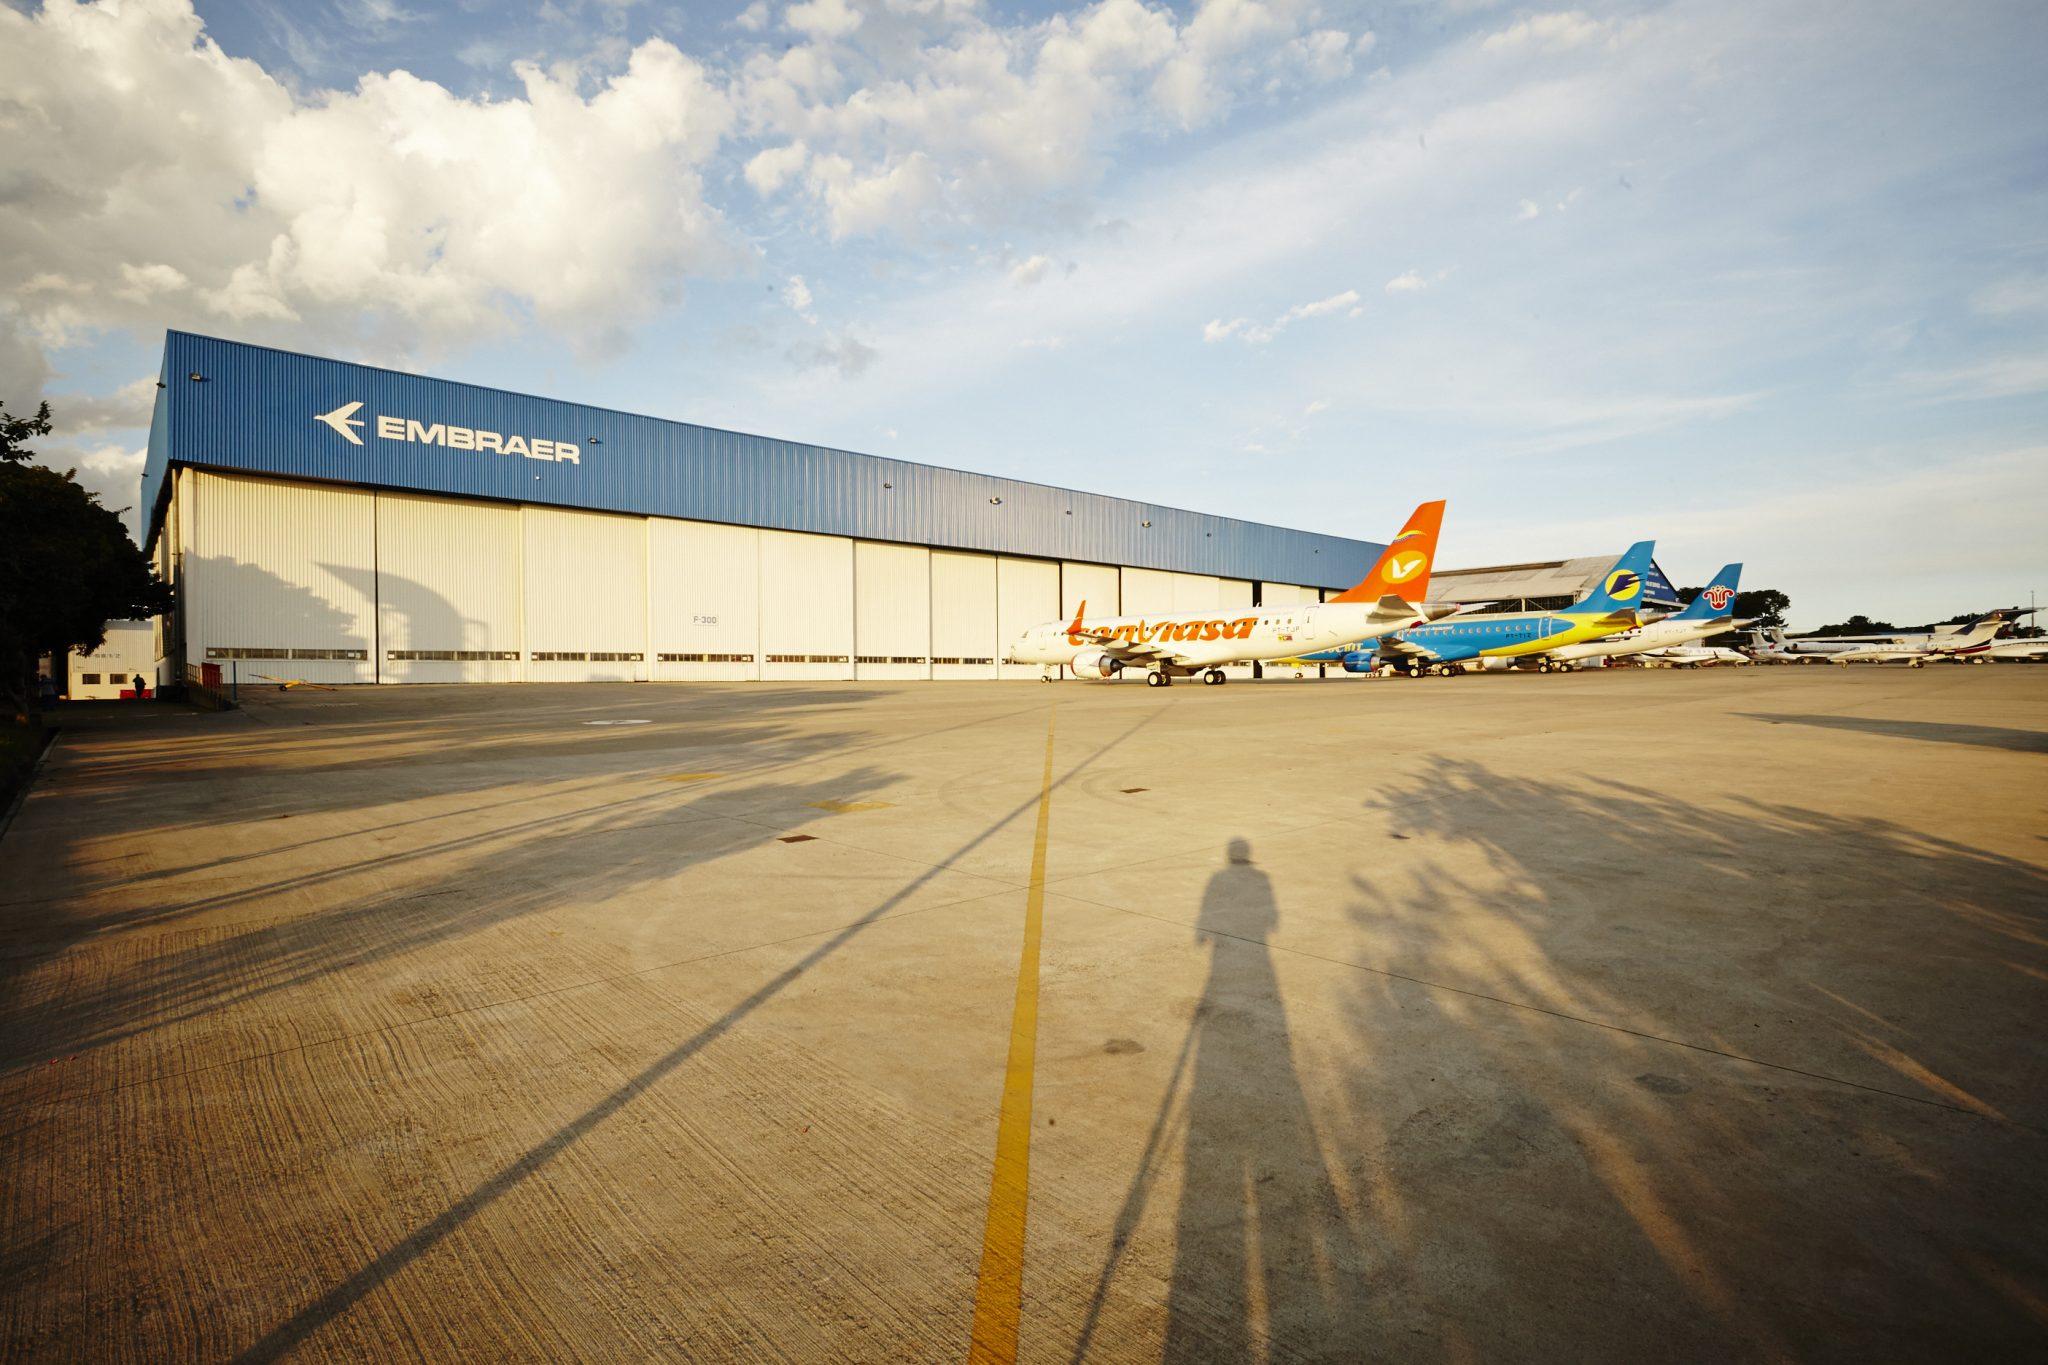 La unión Boeing-Embraer recibe aprobación antimonopolio de China